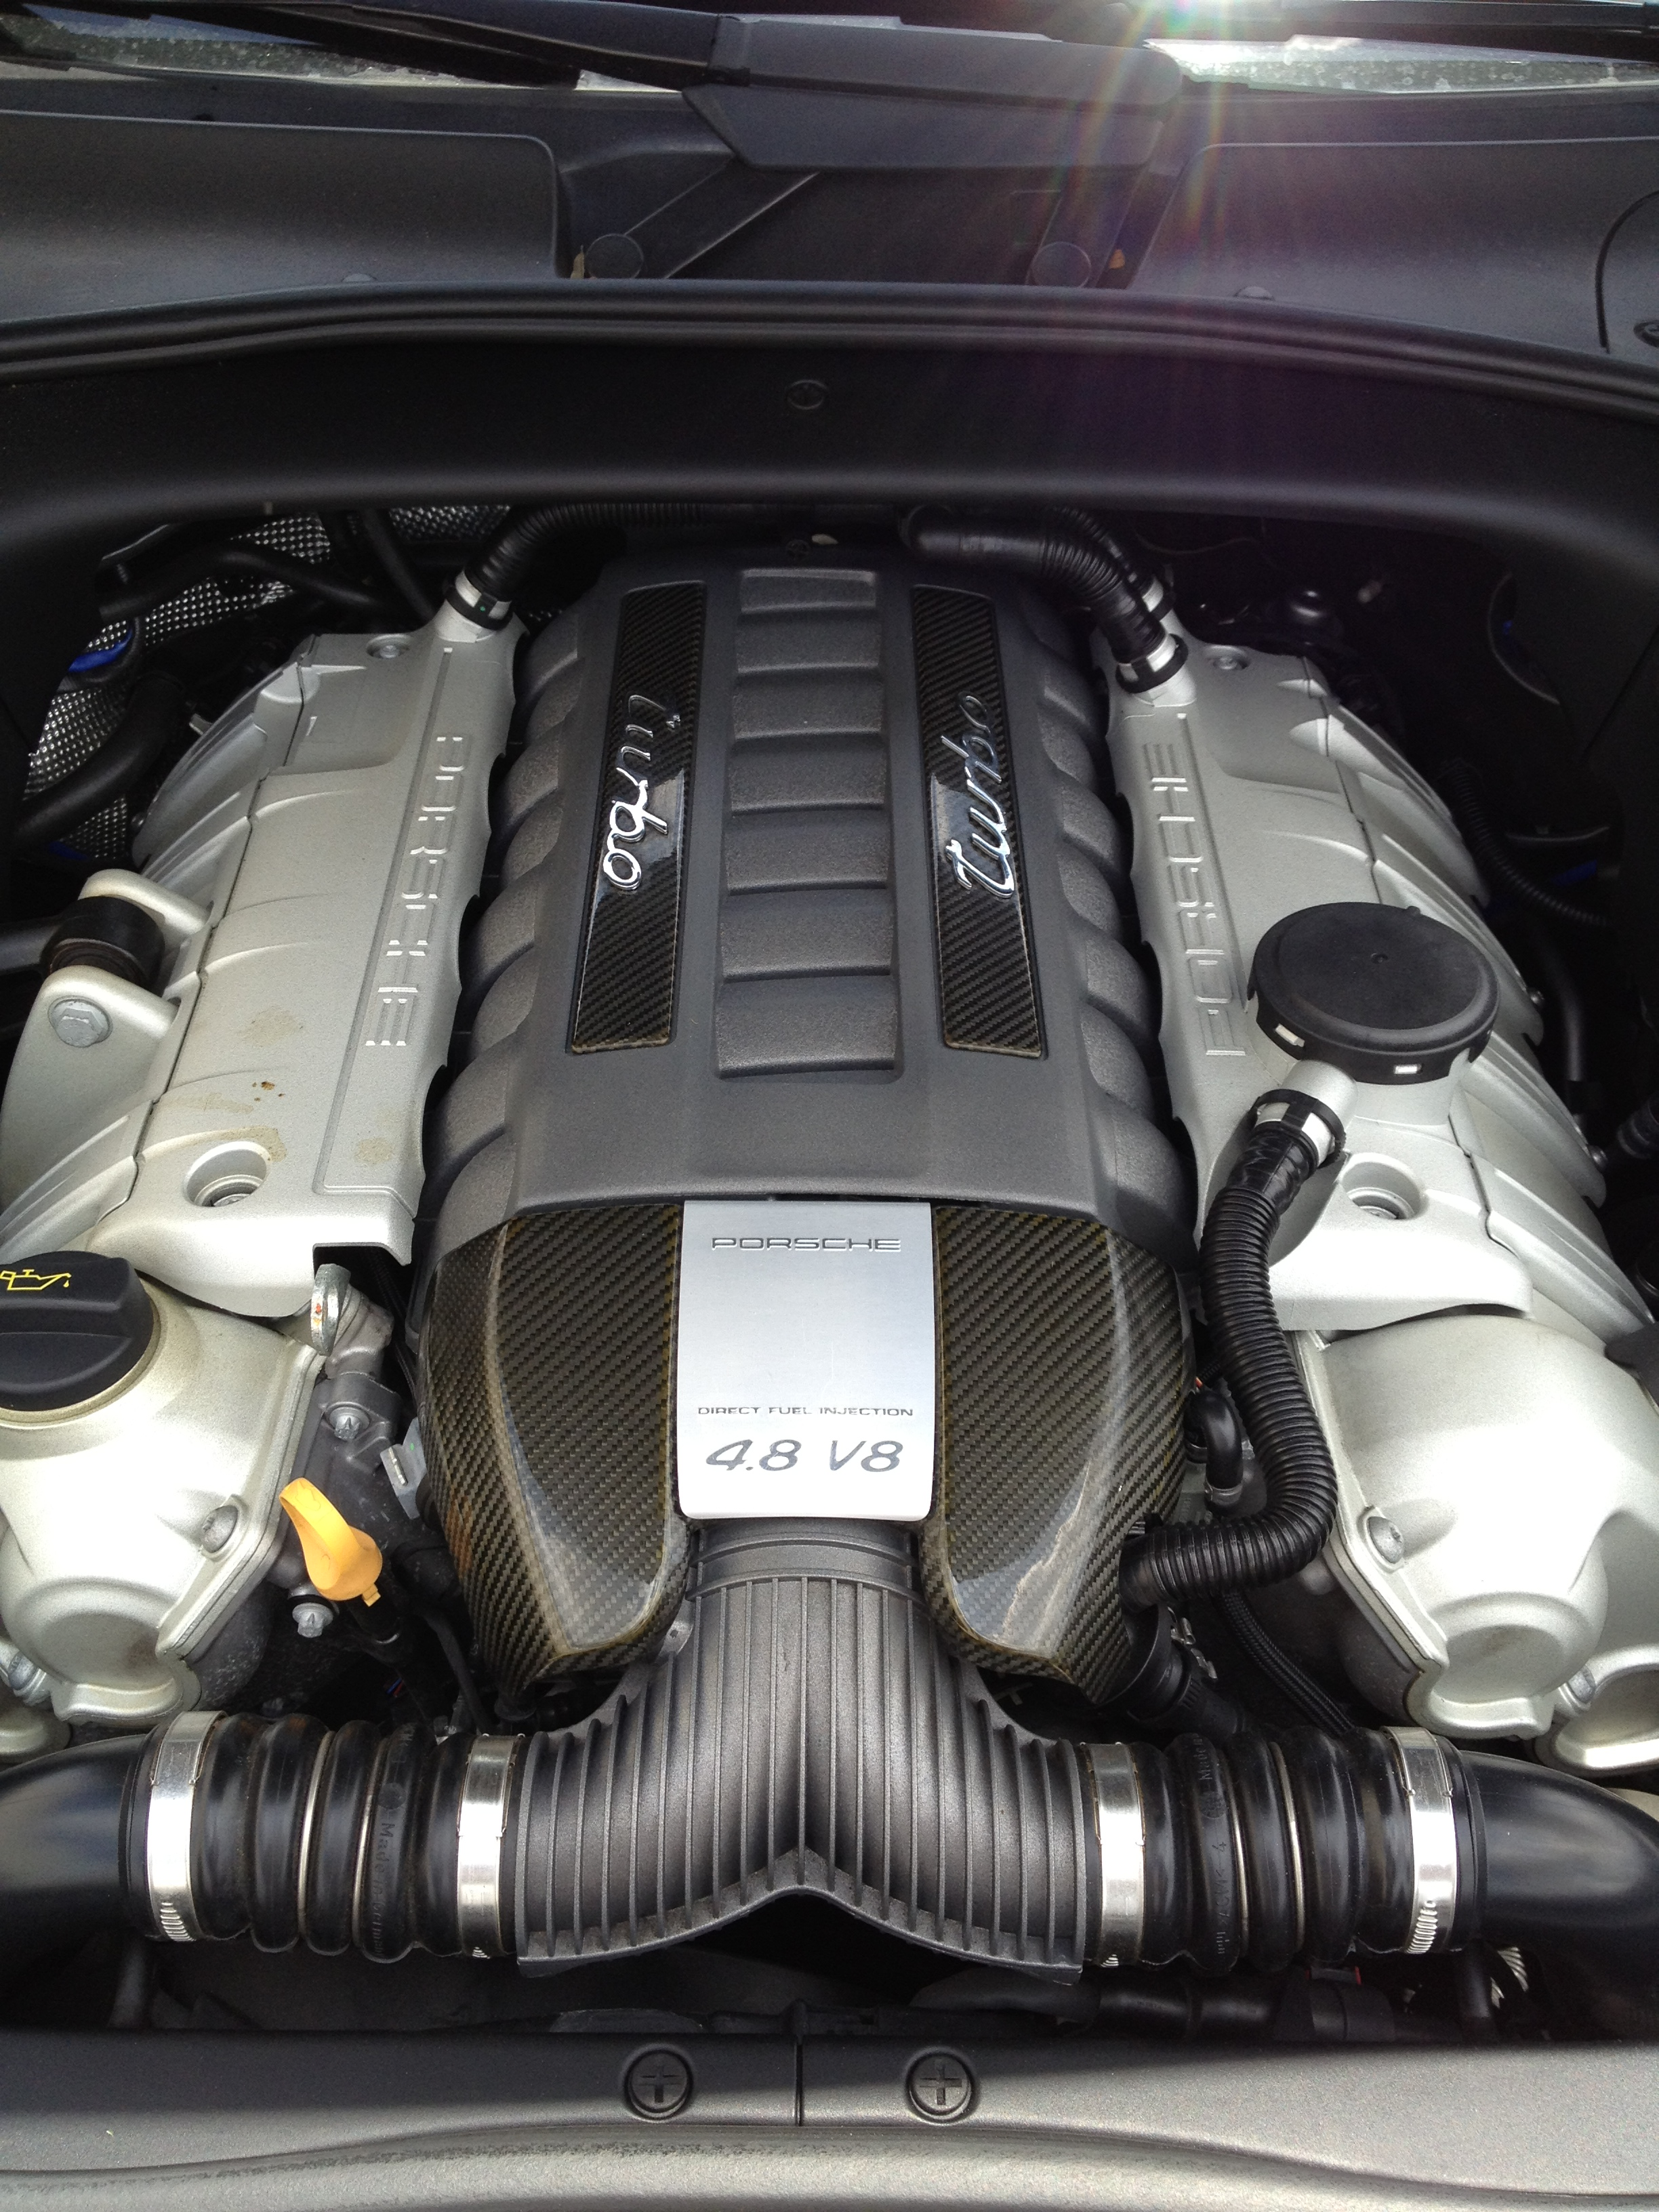 09 Porsche Cayenne Turbo S 004.jpg